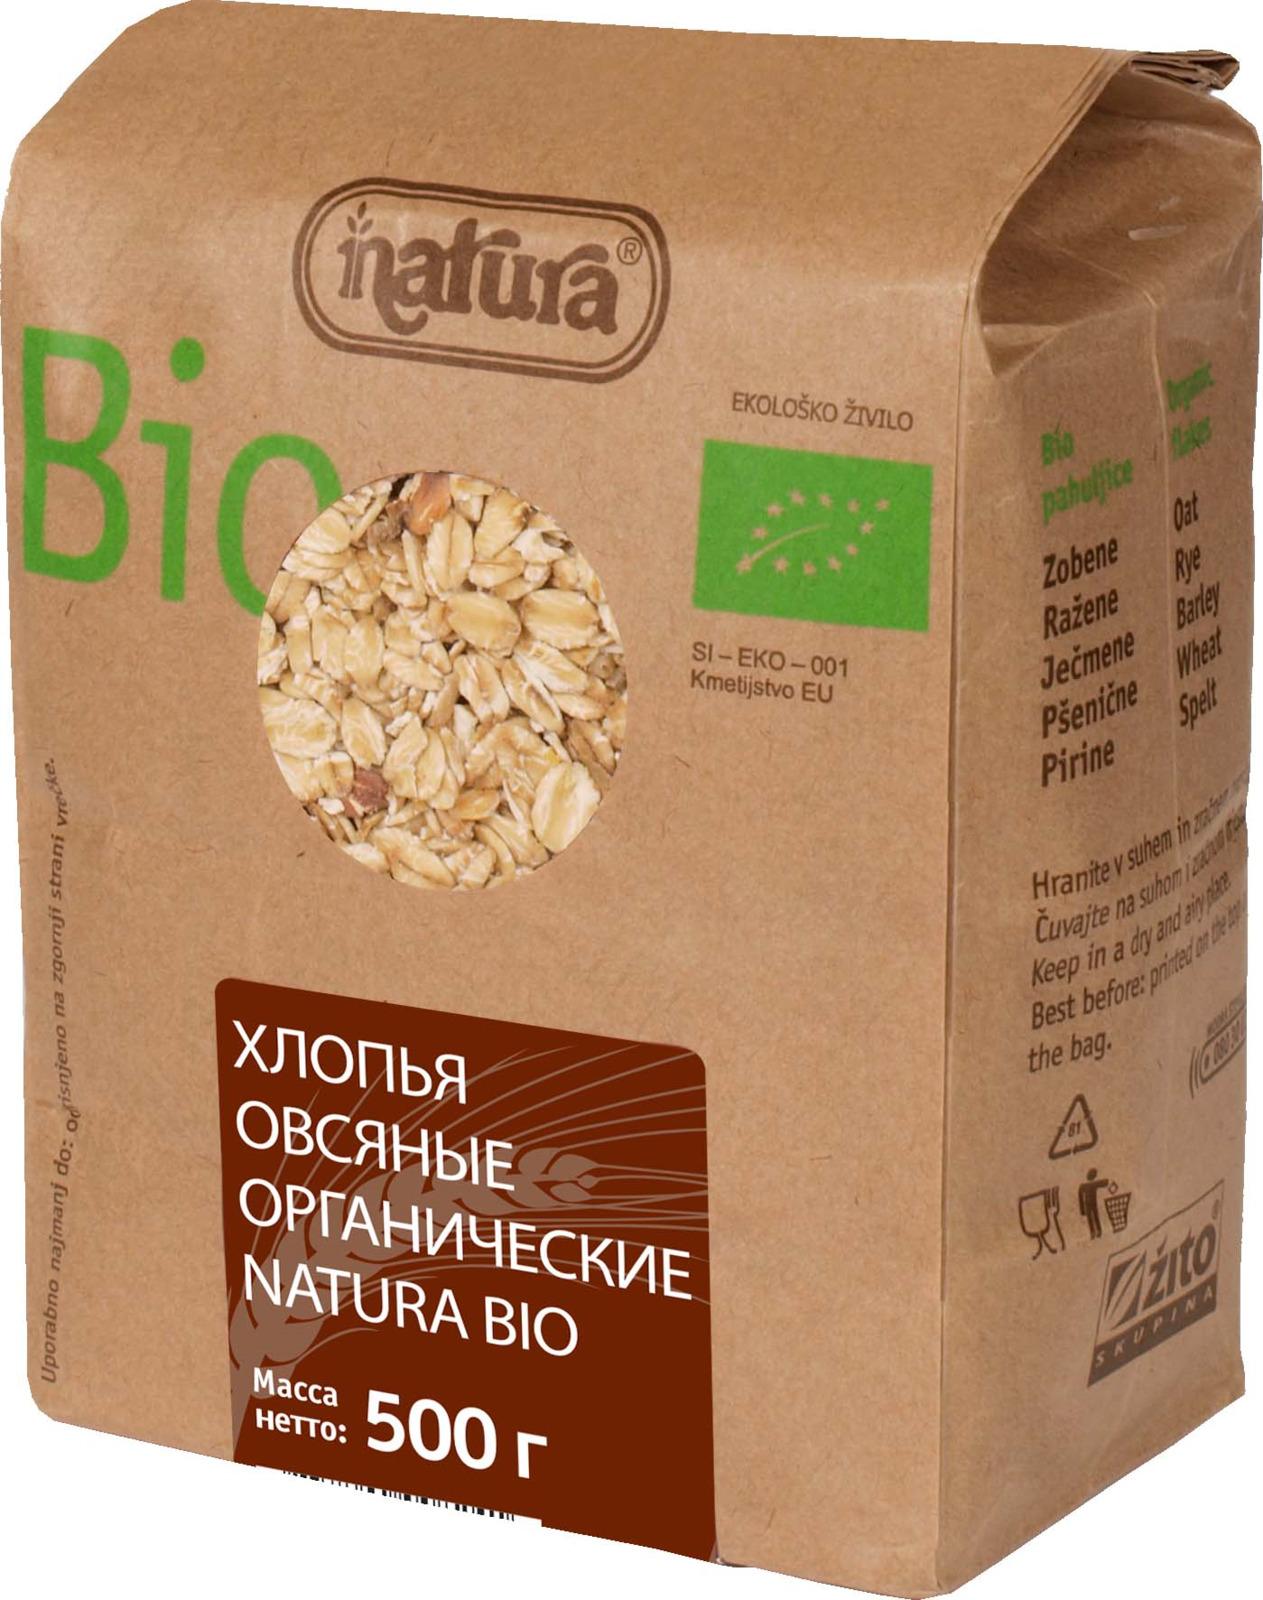 Zito Natura Bio Хлопья овсяные органические, 500 г